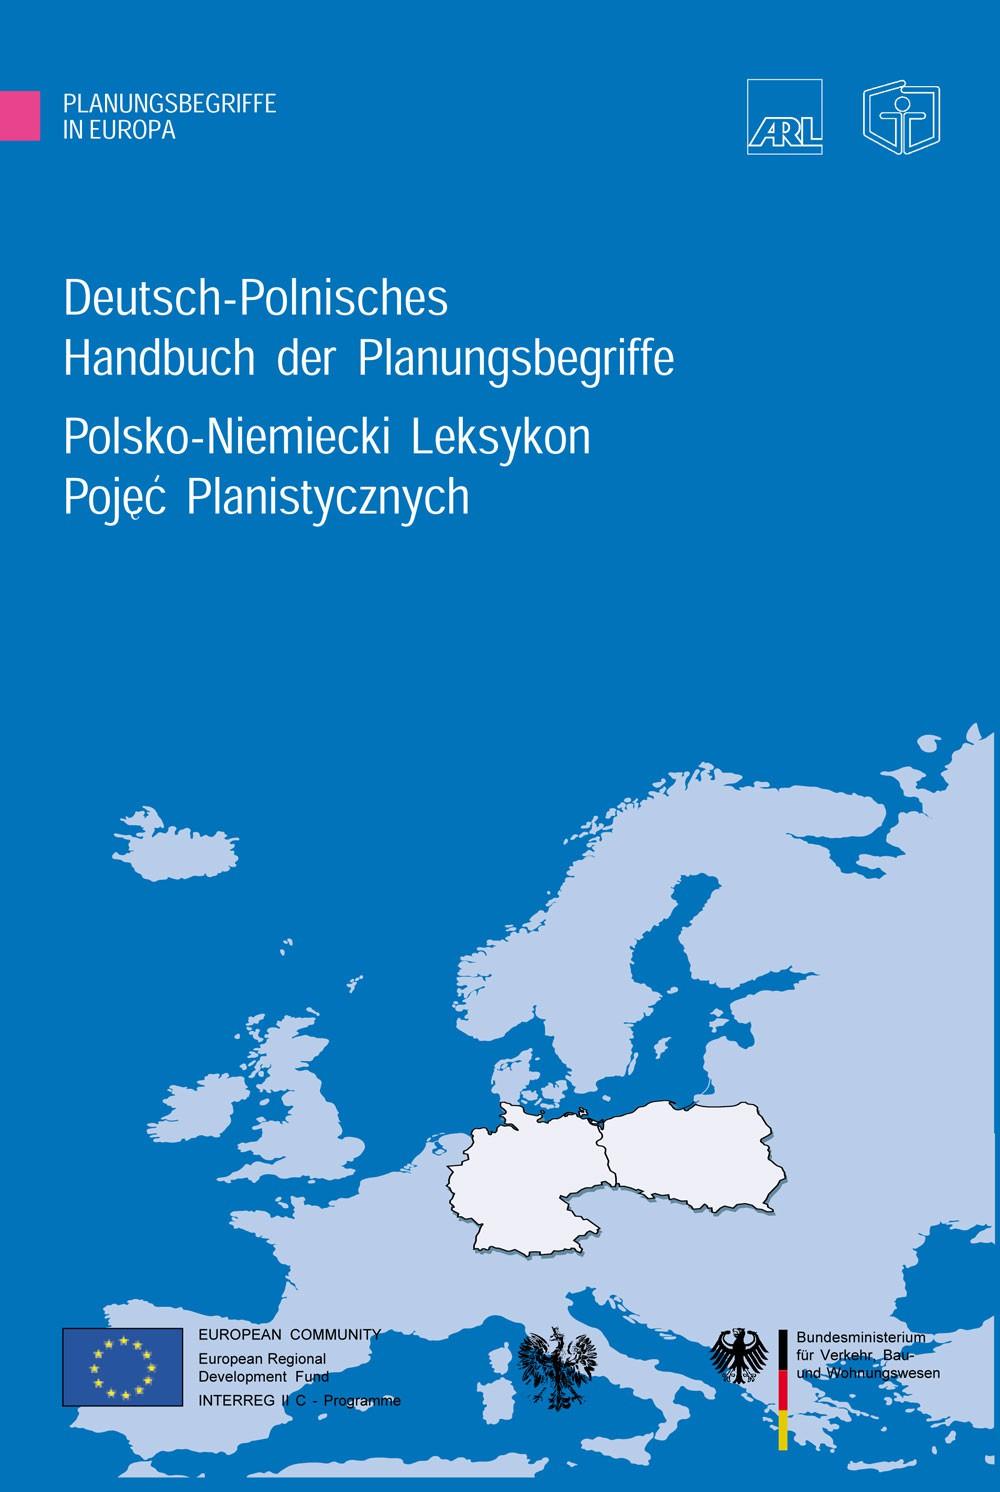 Polsko-niemiecki podręcznik pojęć planistycznych - Akademie für Raumforschung und Landesplanung (ARL)